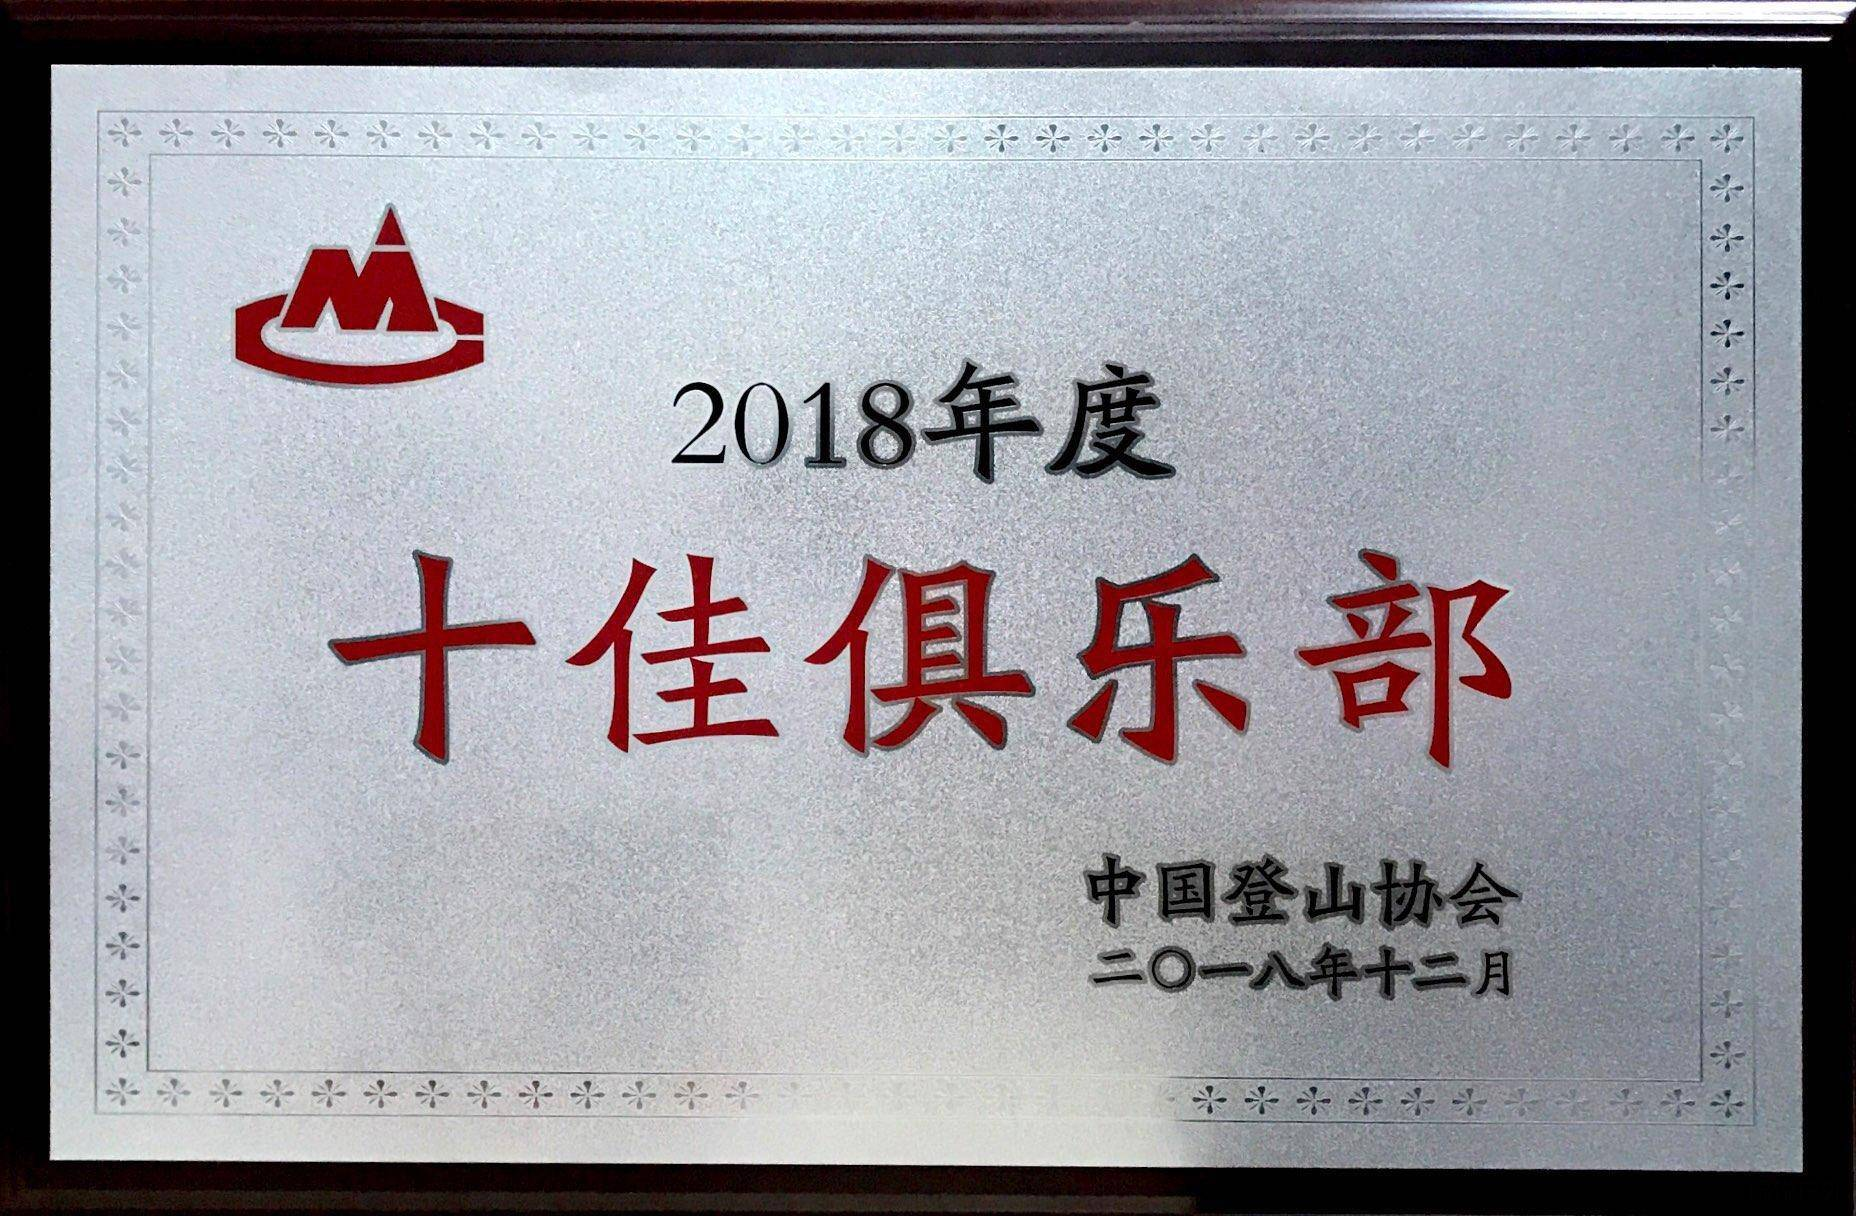 2018年度十佳俱乐部